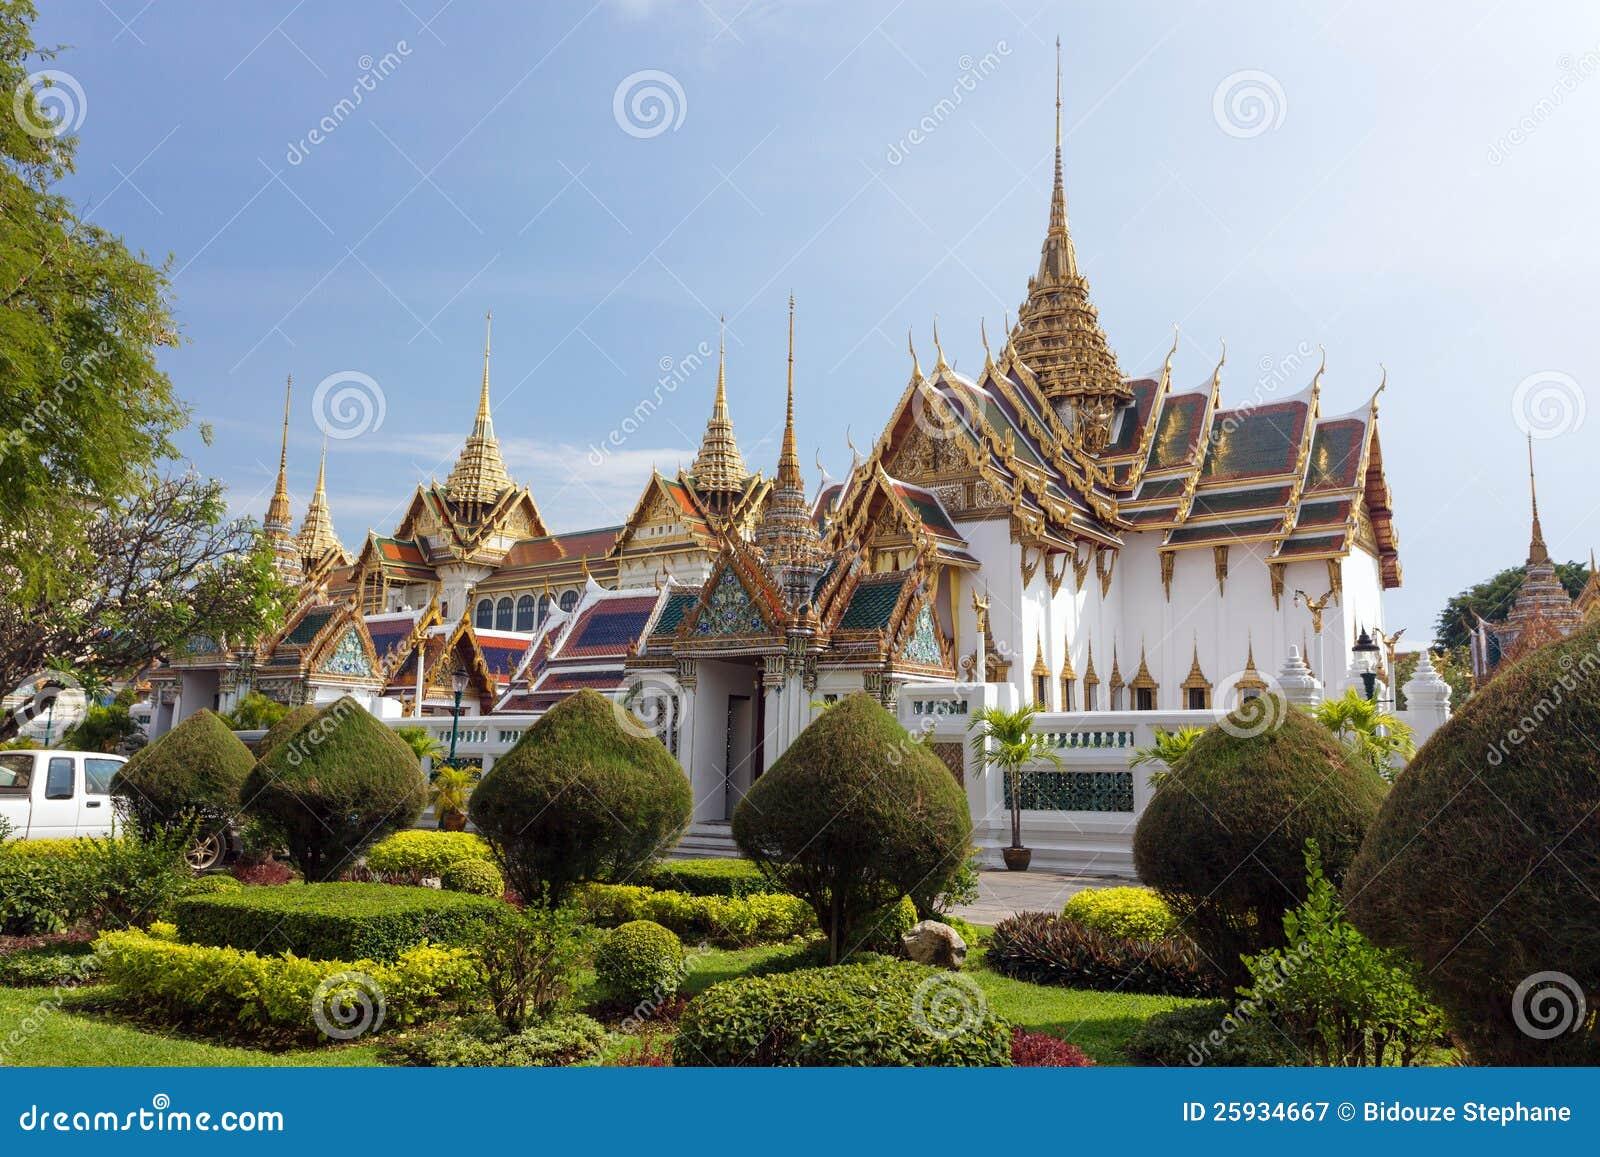 Bangkok k niglicher palast stockbild bild von golden for Grosartig grafgarten